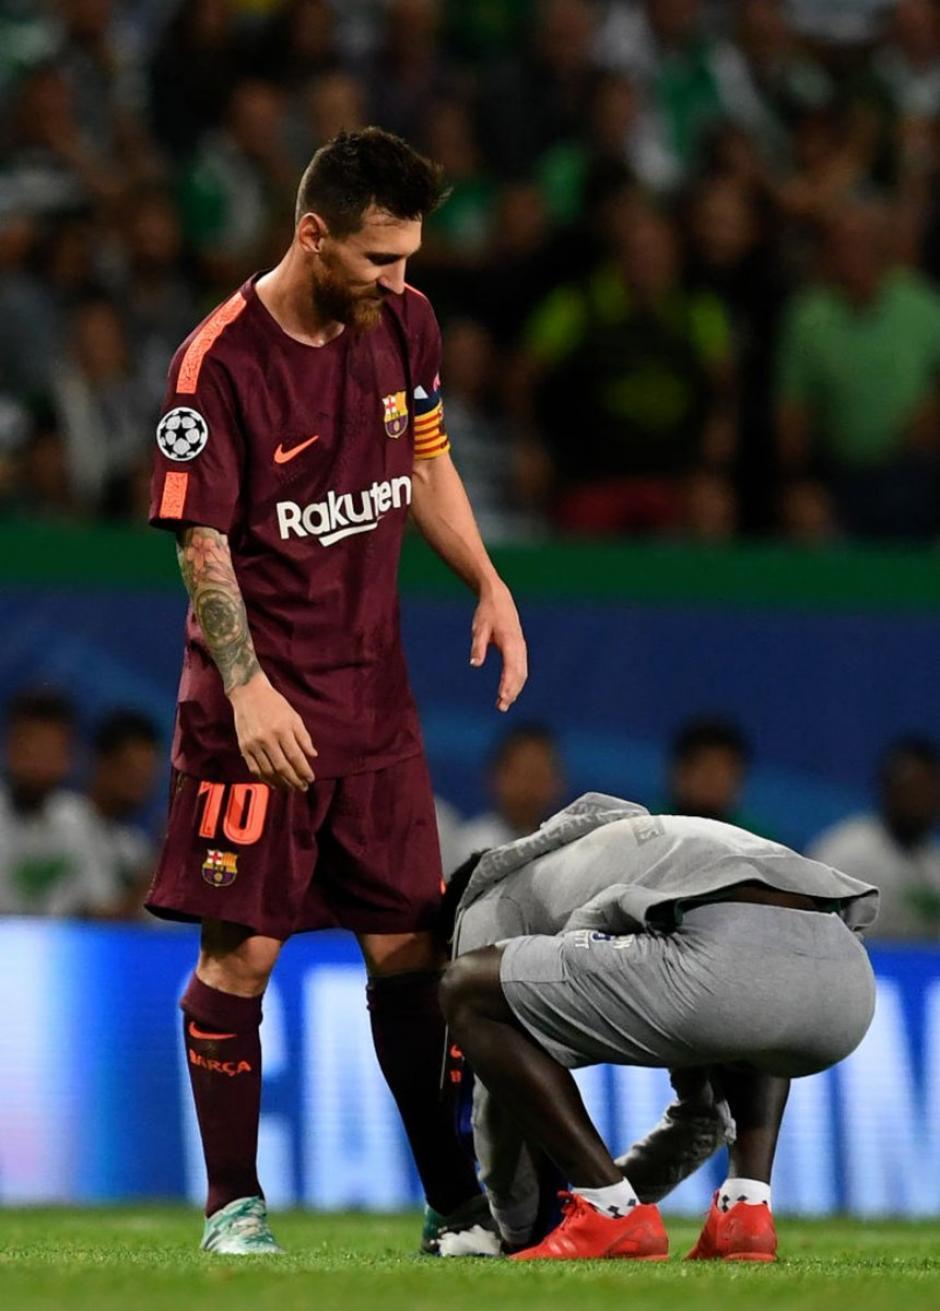 El momento más emotivo fue cuando el muchacho se agachó para besar el pie zurdo de Leo. (Foto: VG Sports)